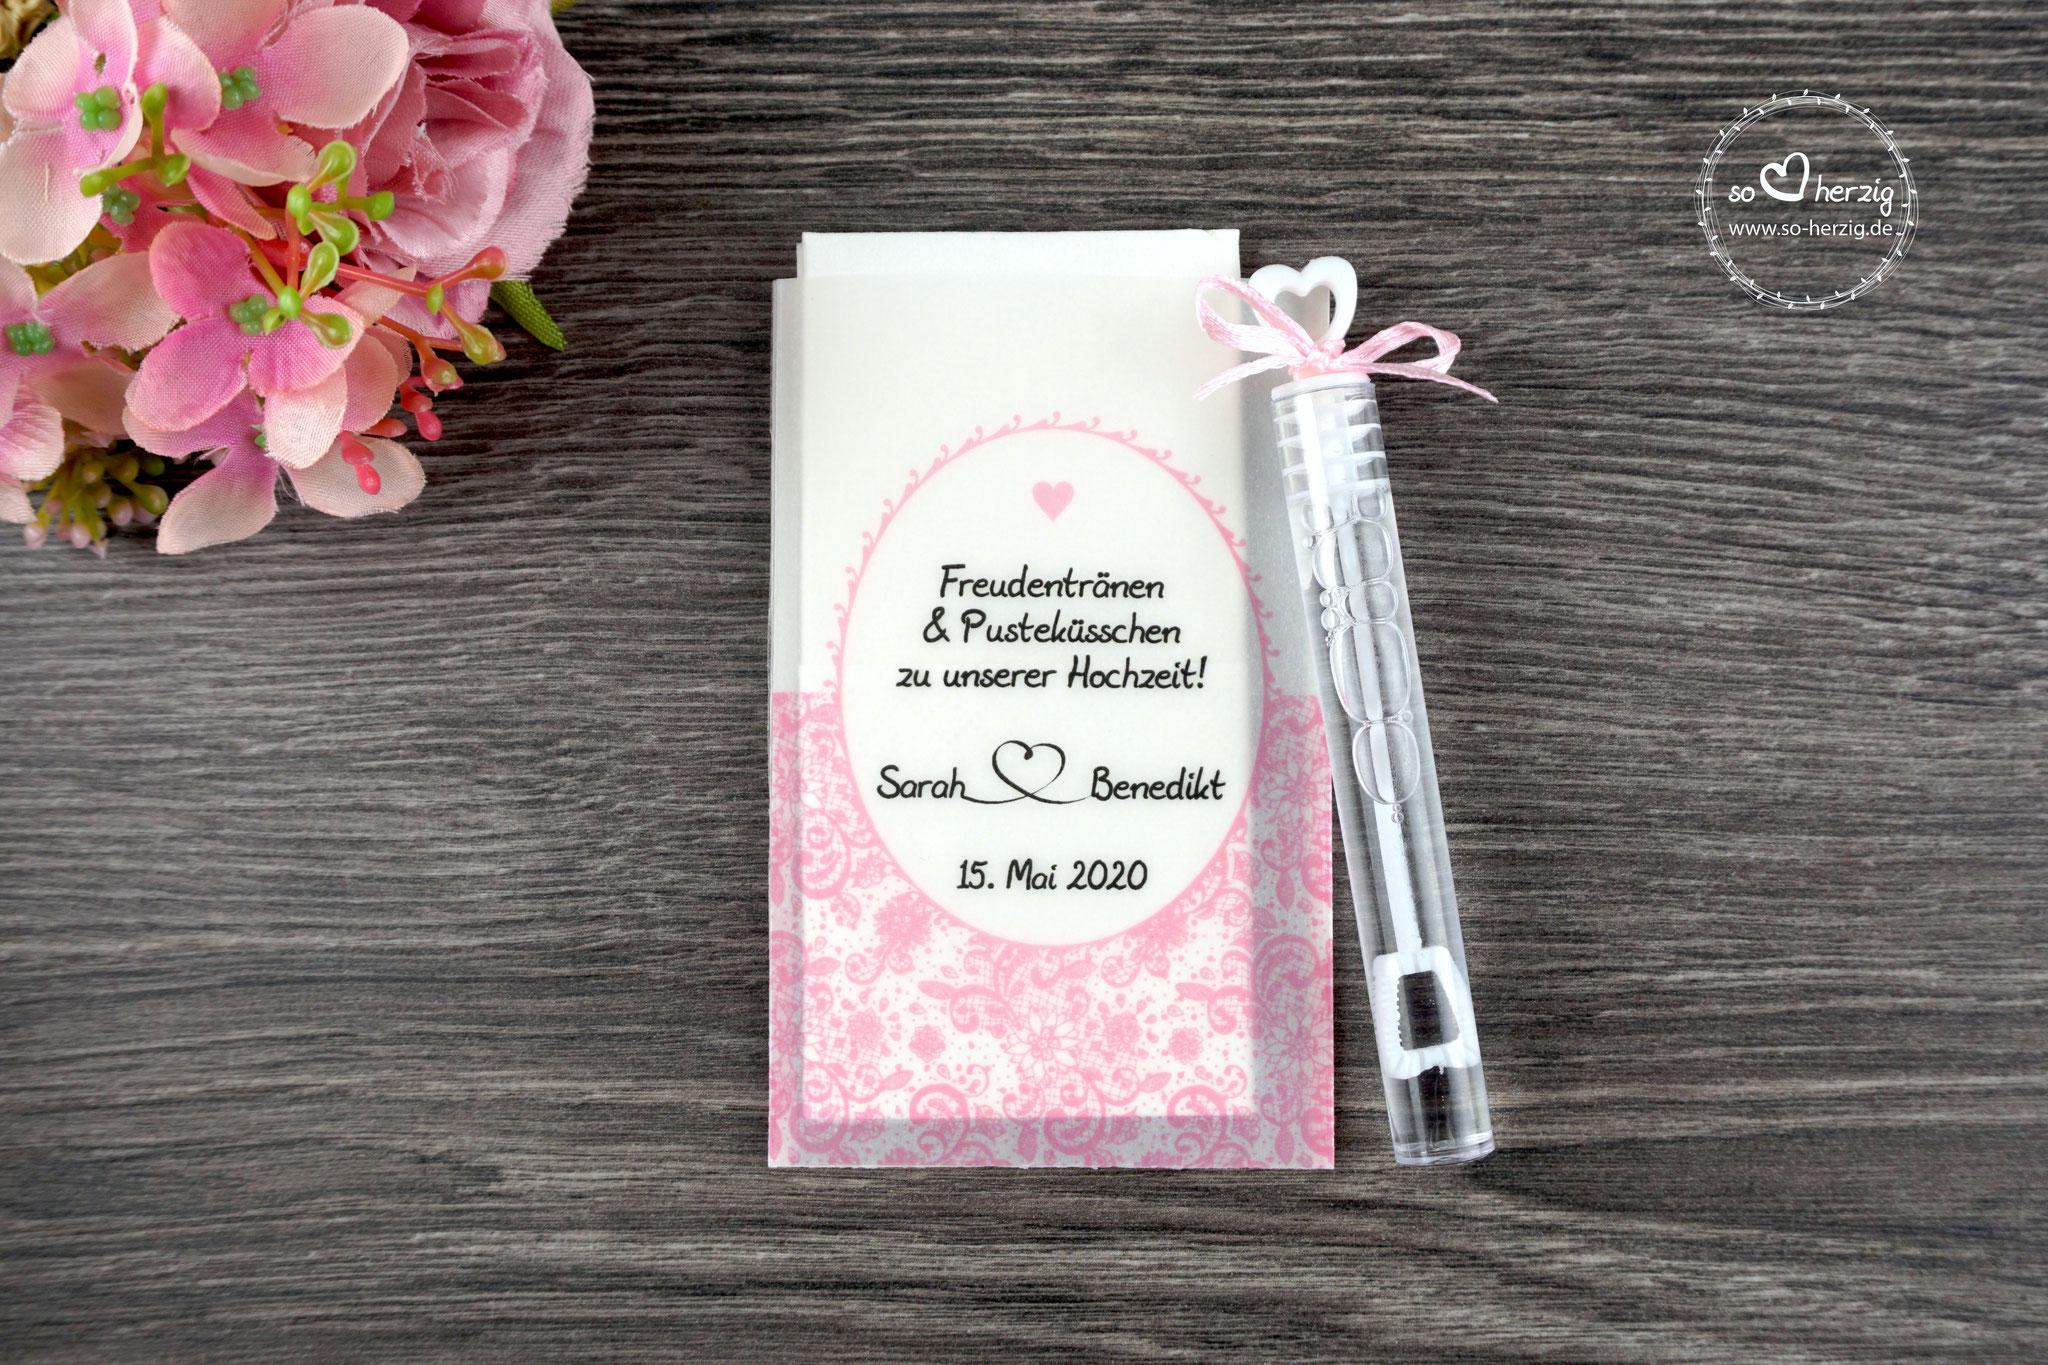 Freudentränen Taschentücher mit Seifenblasen, Design Romantik, Farbe Rosa, Satinband